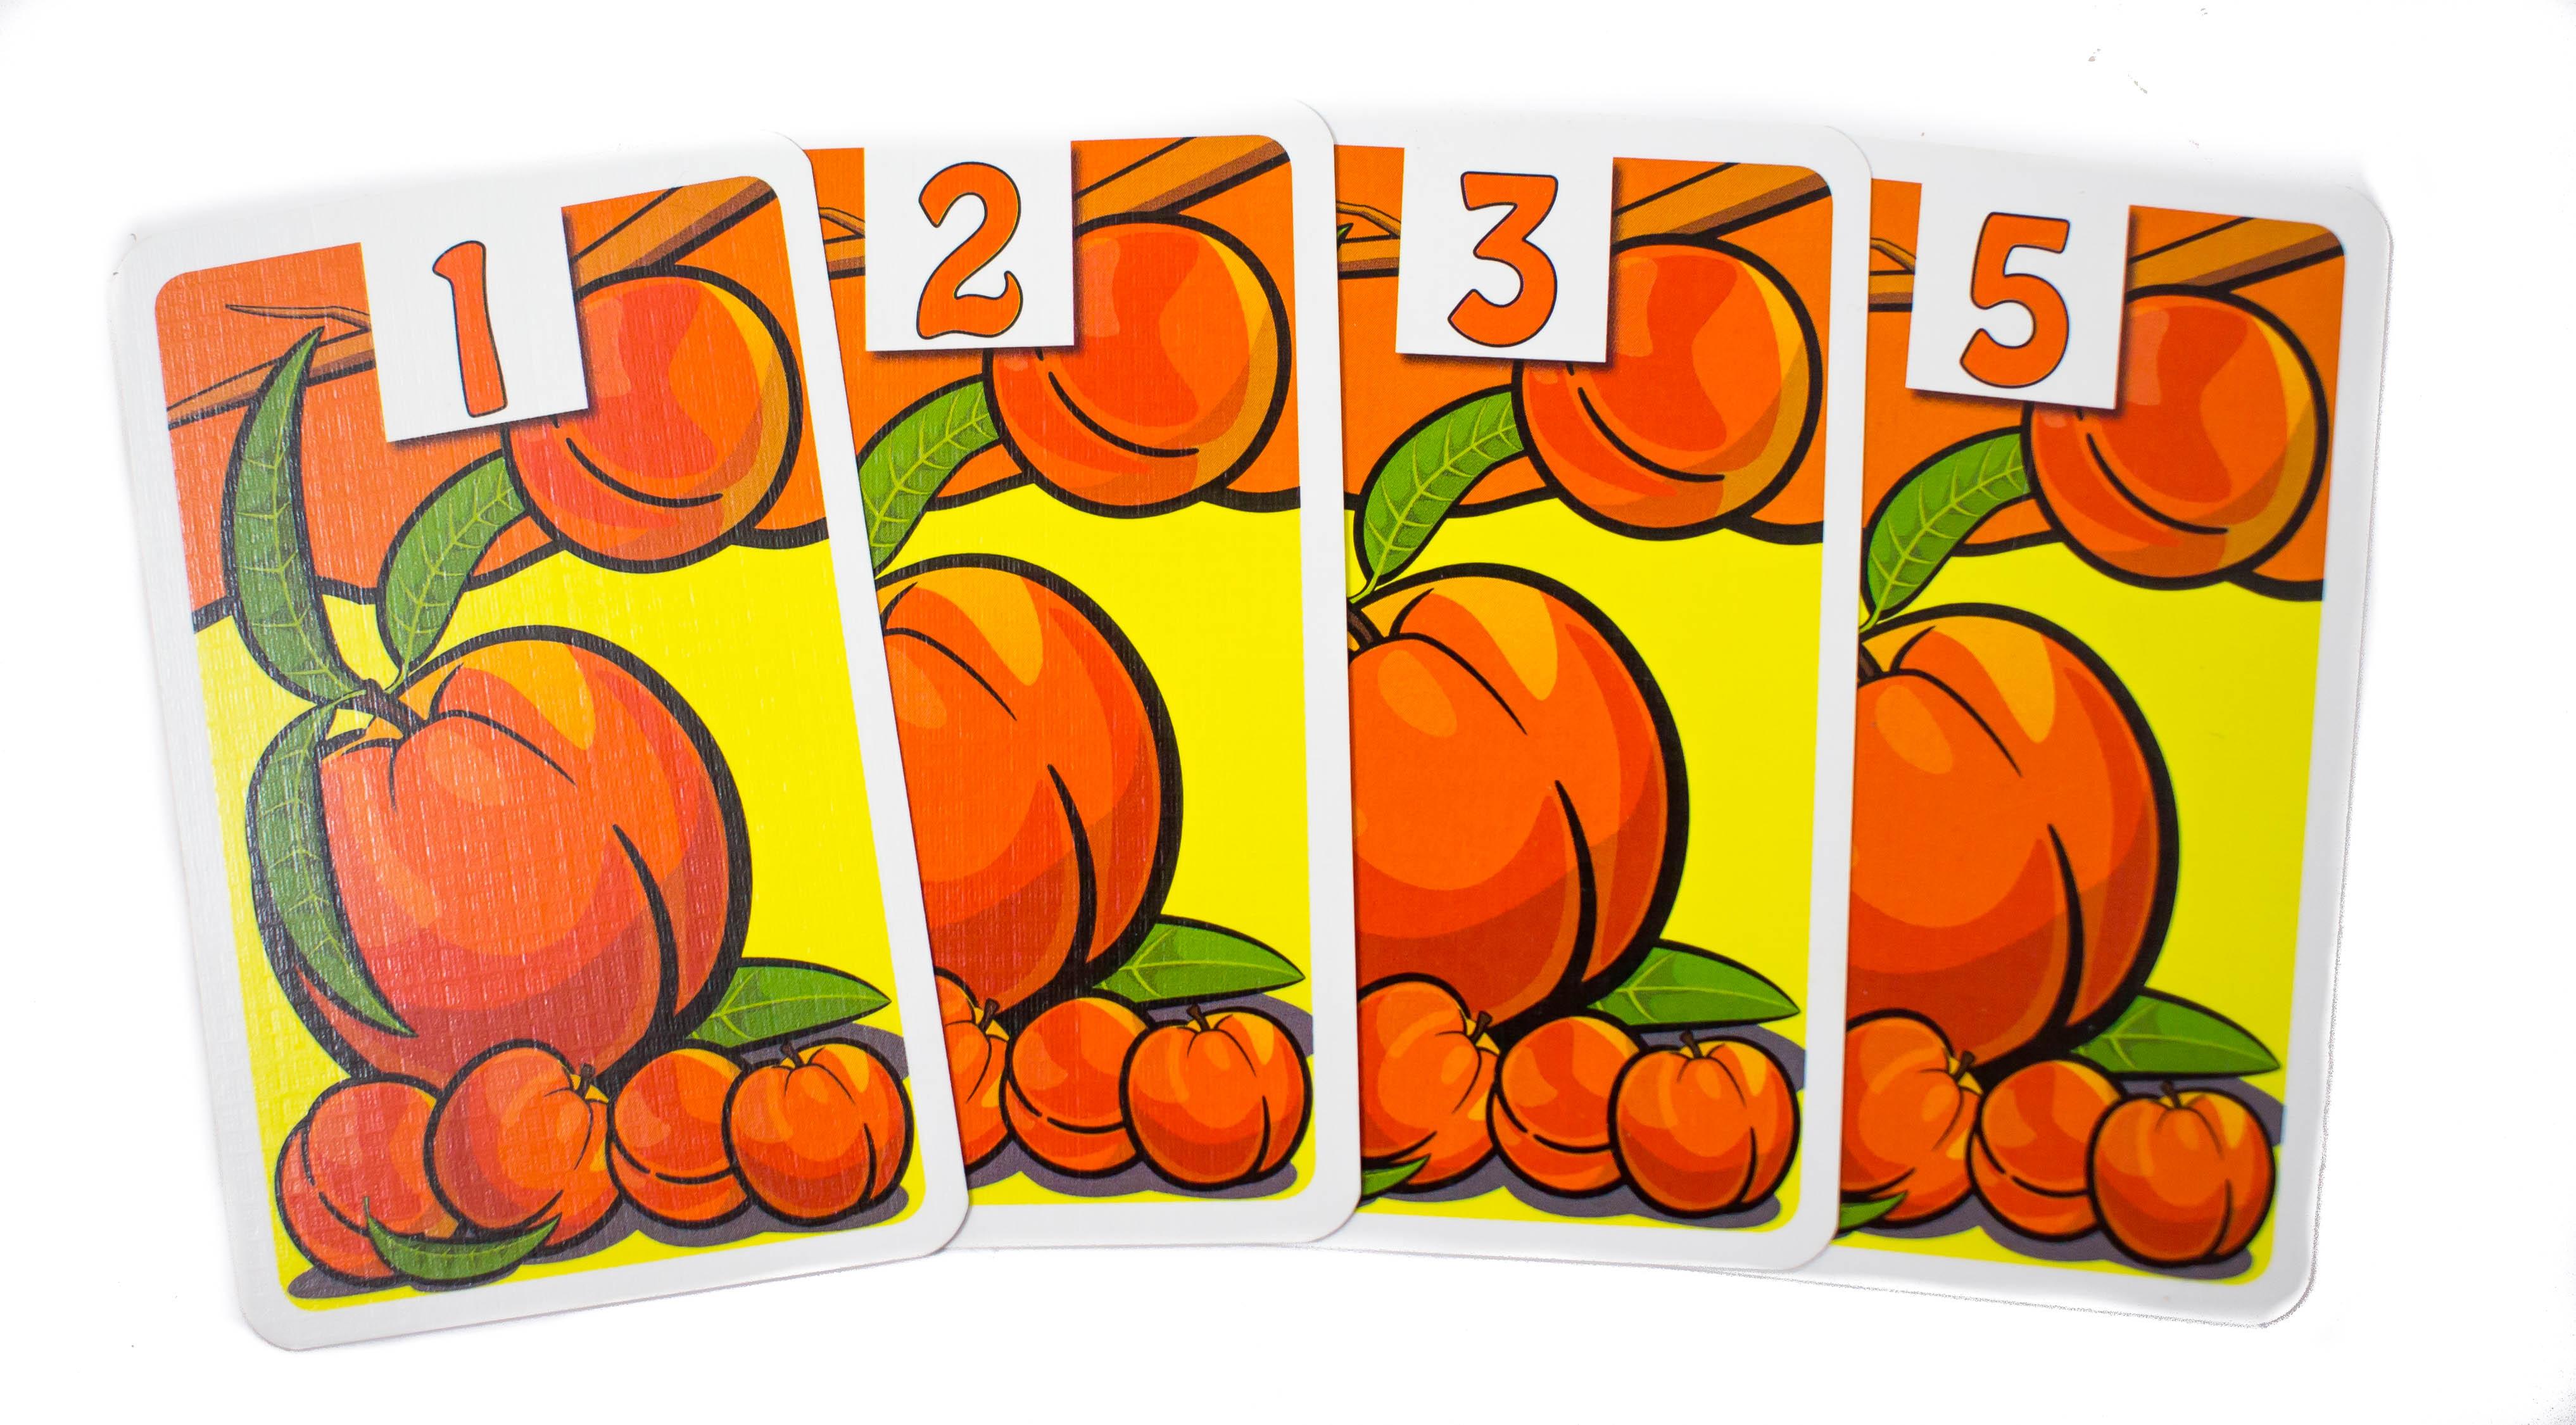 Mivel a sorból hiányzik egy (a négyes), így nem jár a maximális pontszám ( 11) csak a három kártyából álló sorozat öszegyűjtéséért megérdemelt 5 pont.